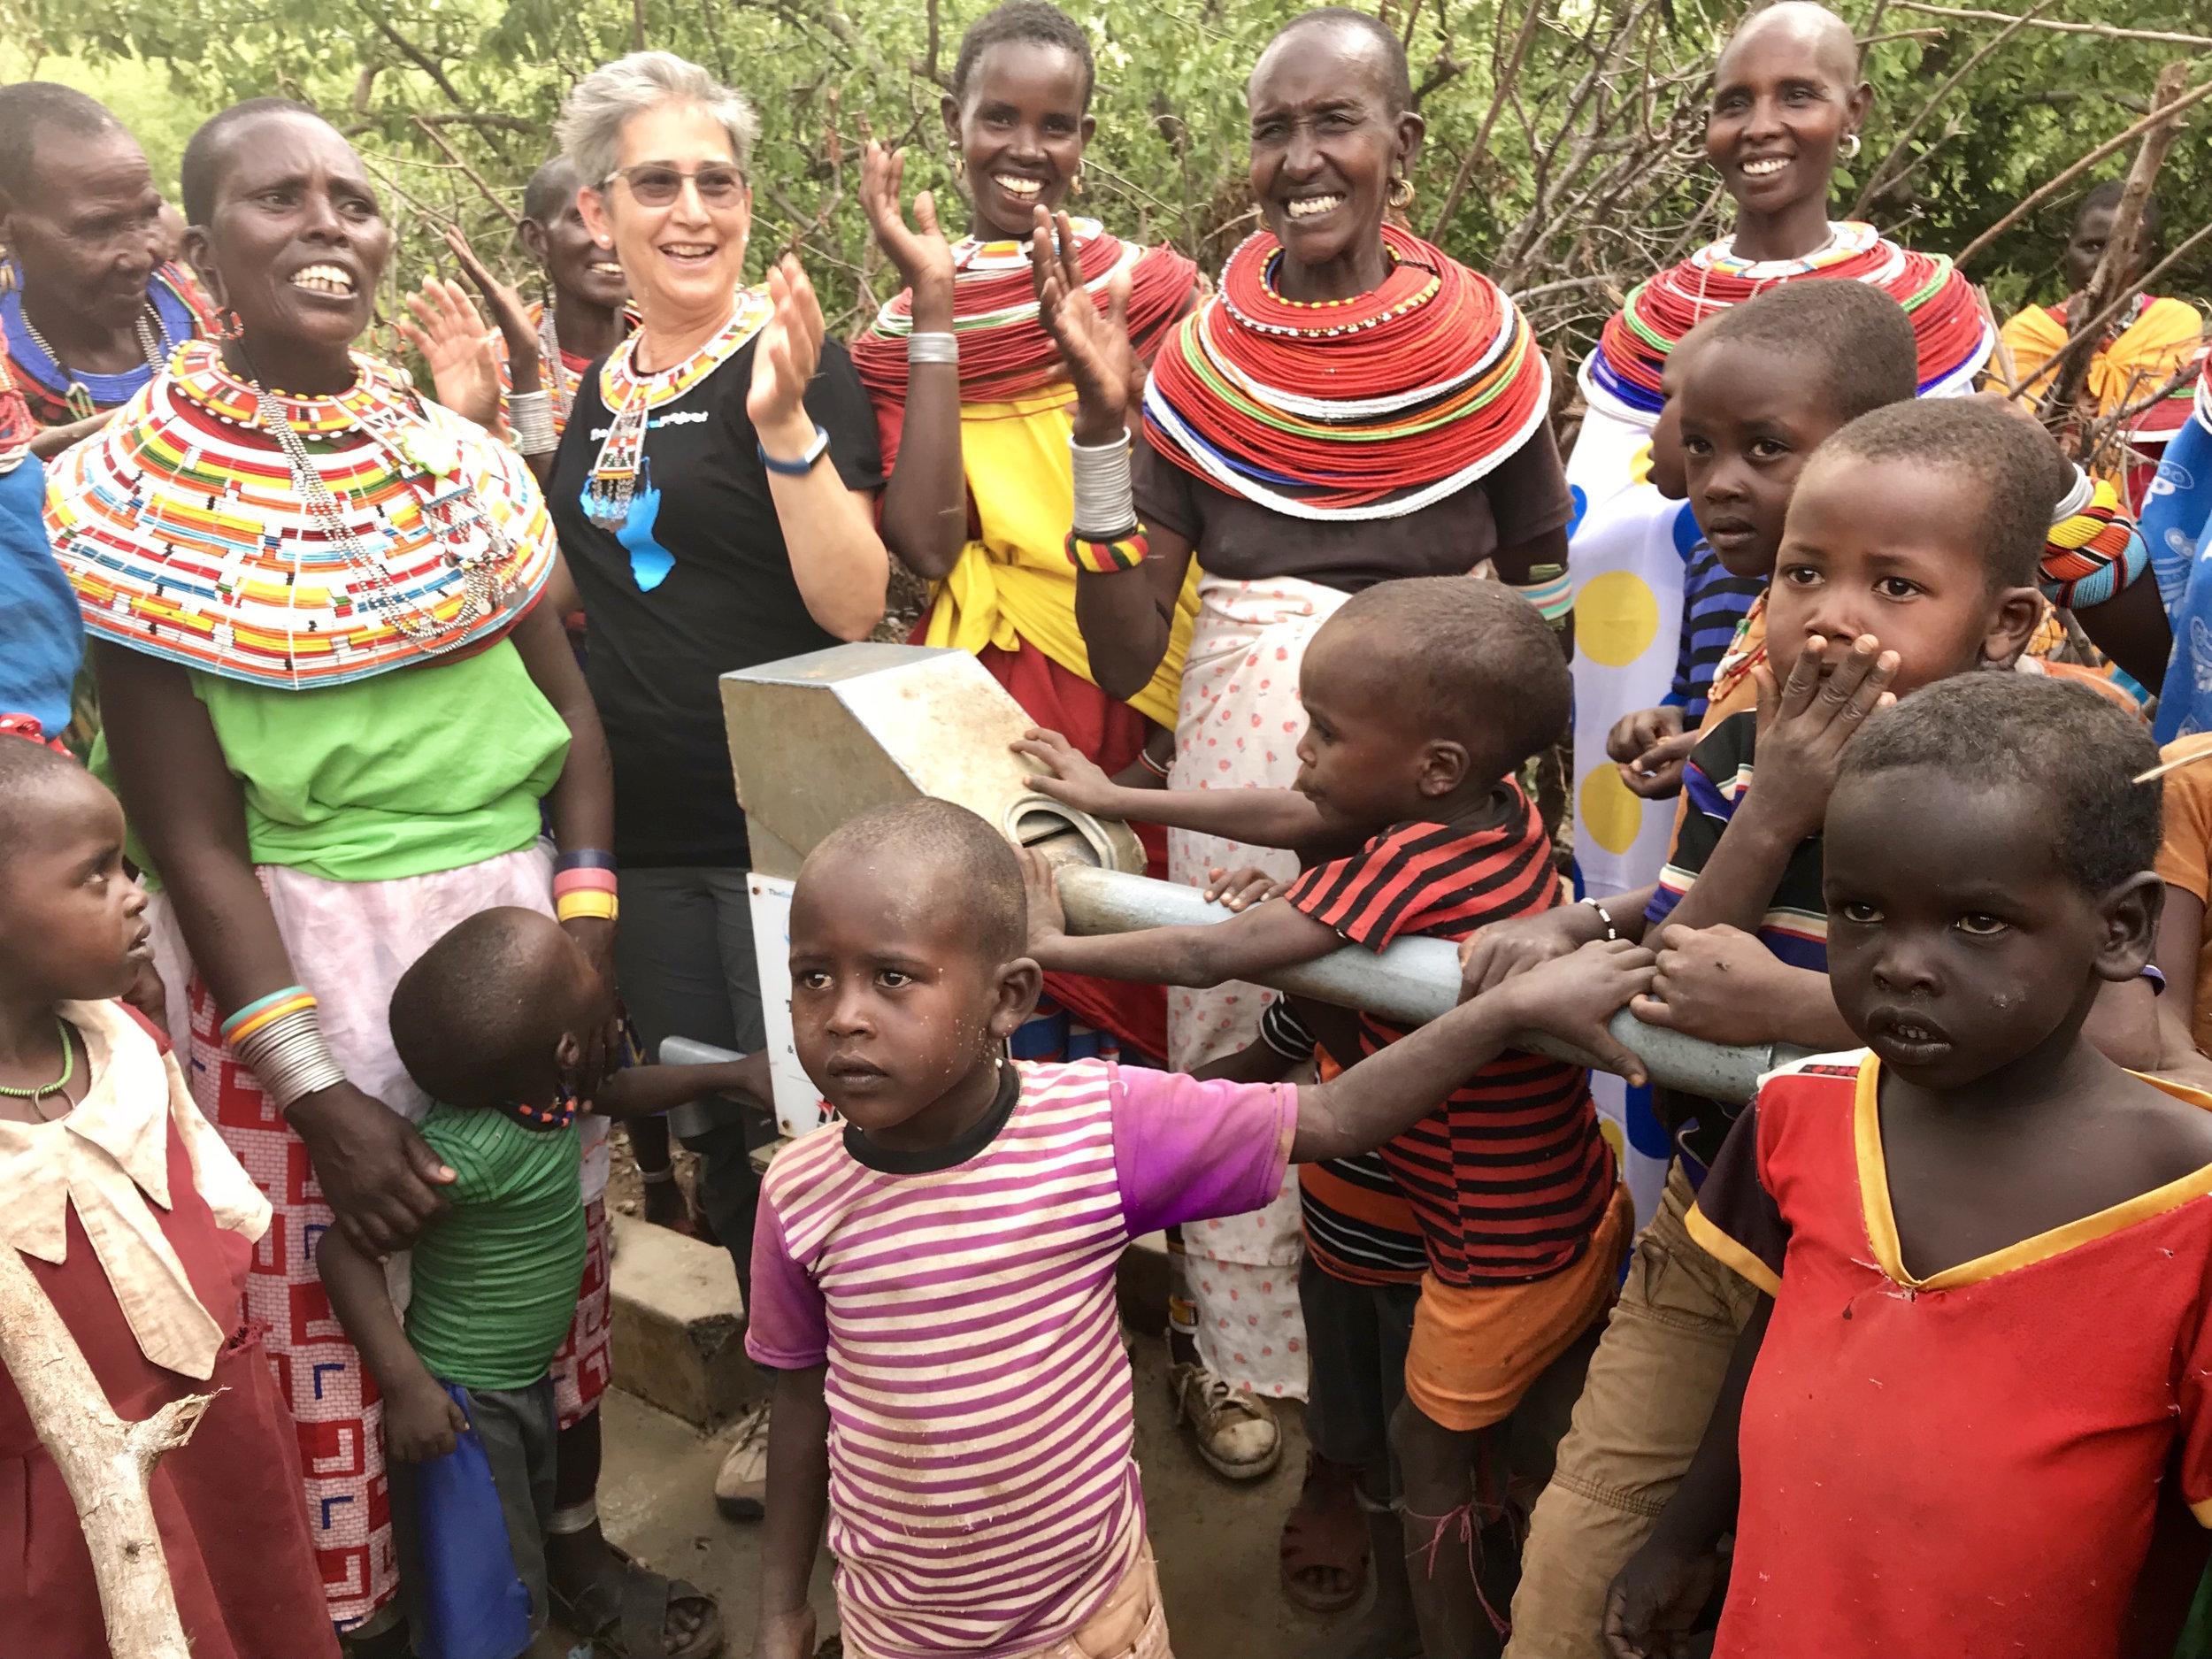 Women and Children at Water Well, Samburu Kenya Africa